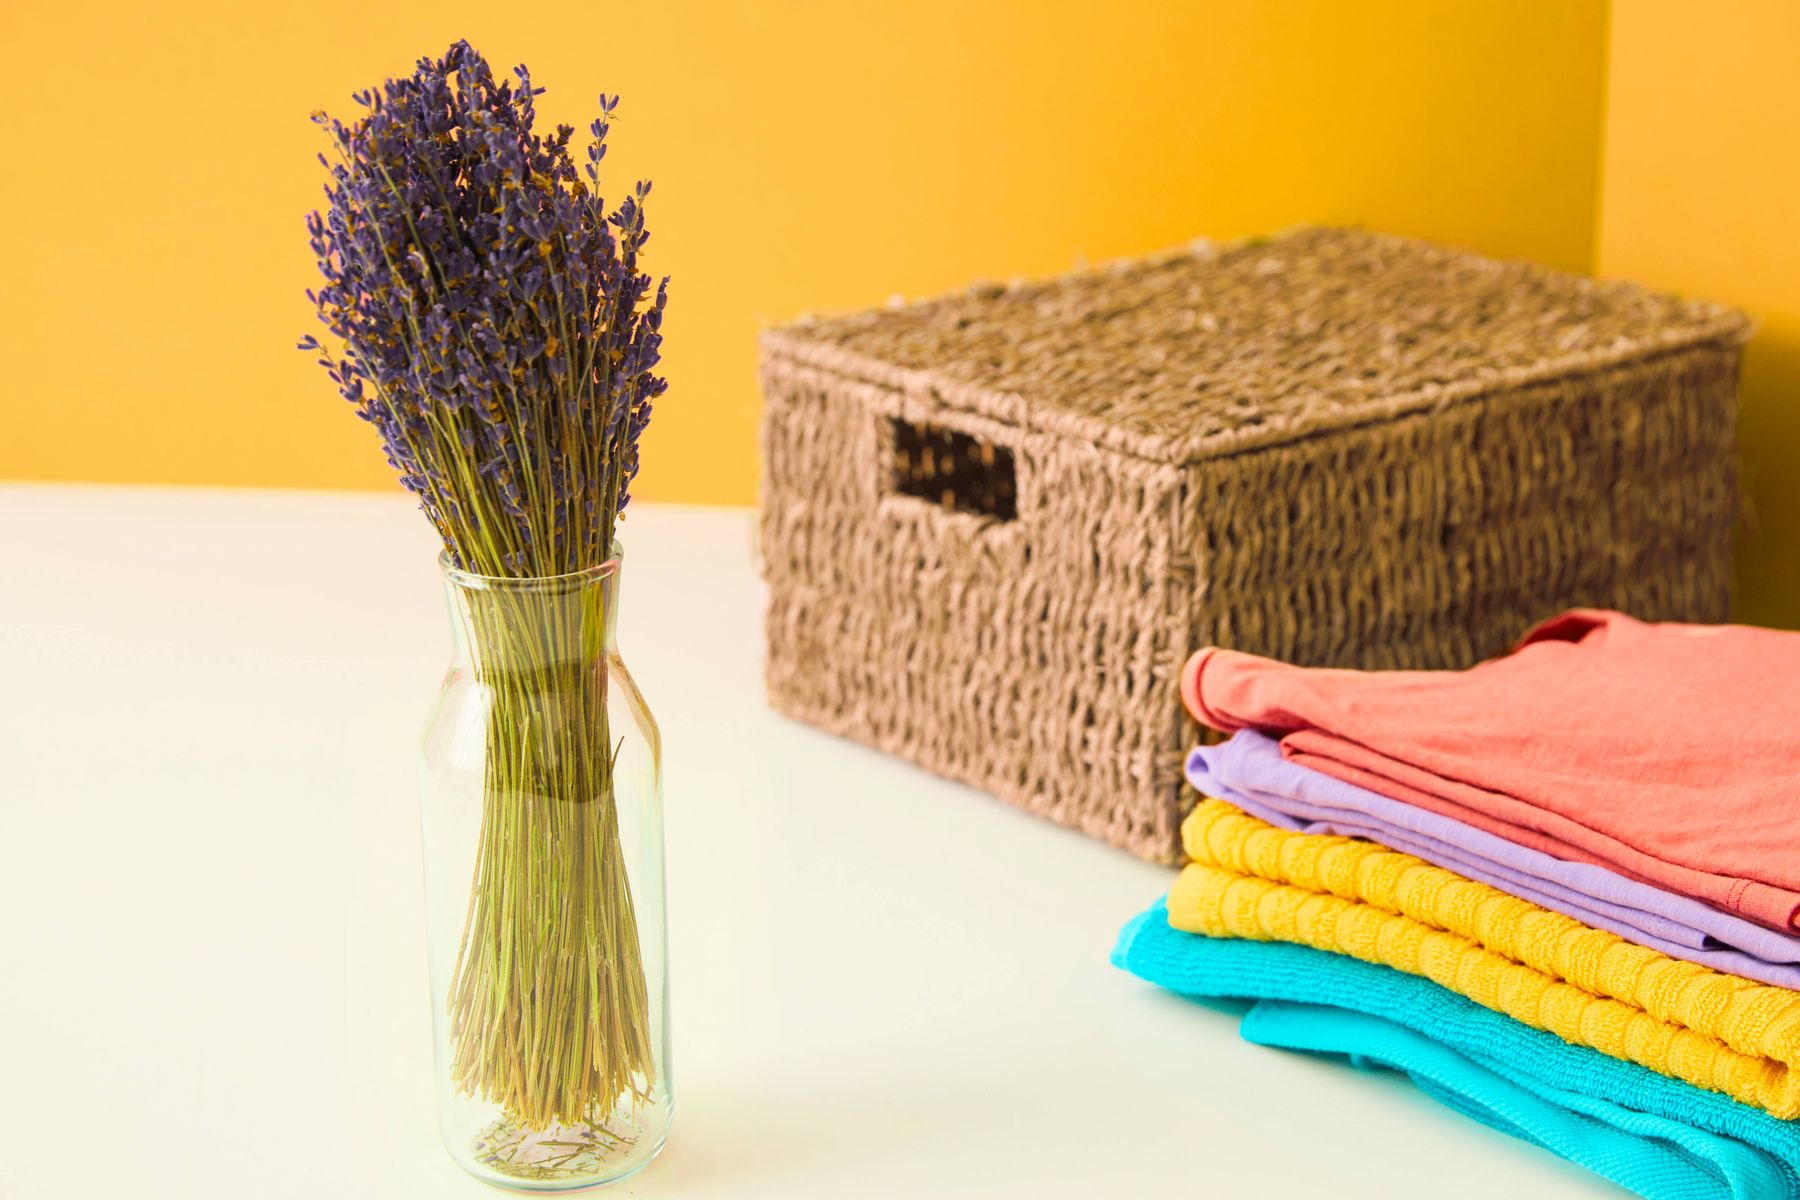 Tumpukan pakaian dan lavender dalam di dalam vas